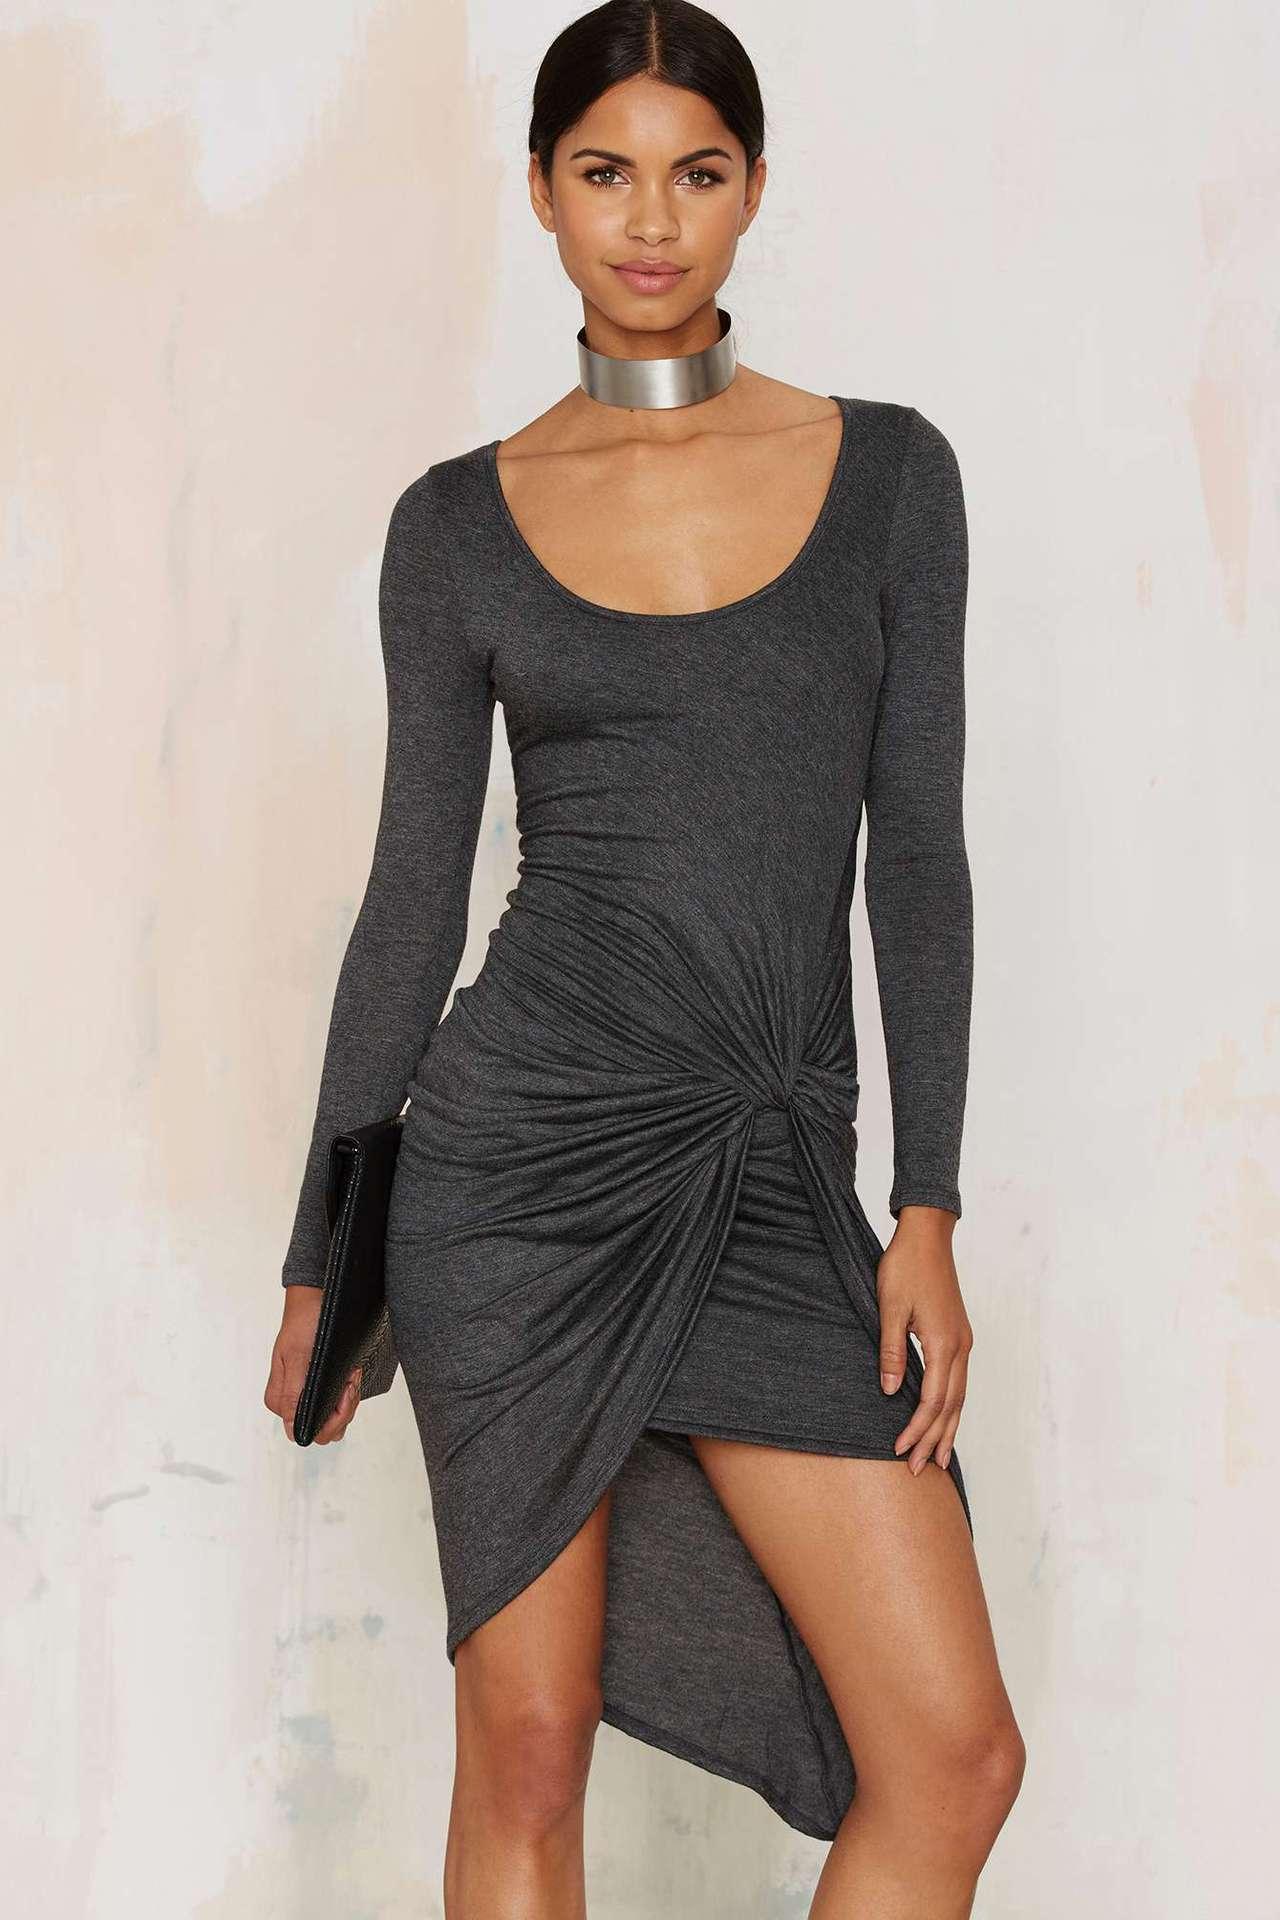 (春暖花開)圓領灰色合身不規則裙襬佯裝預購七天